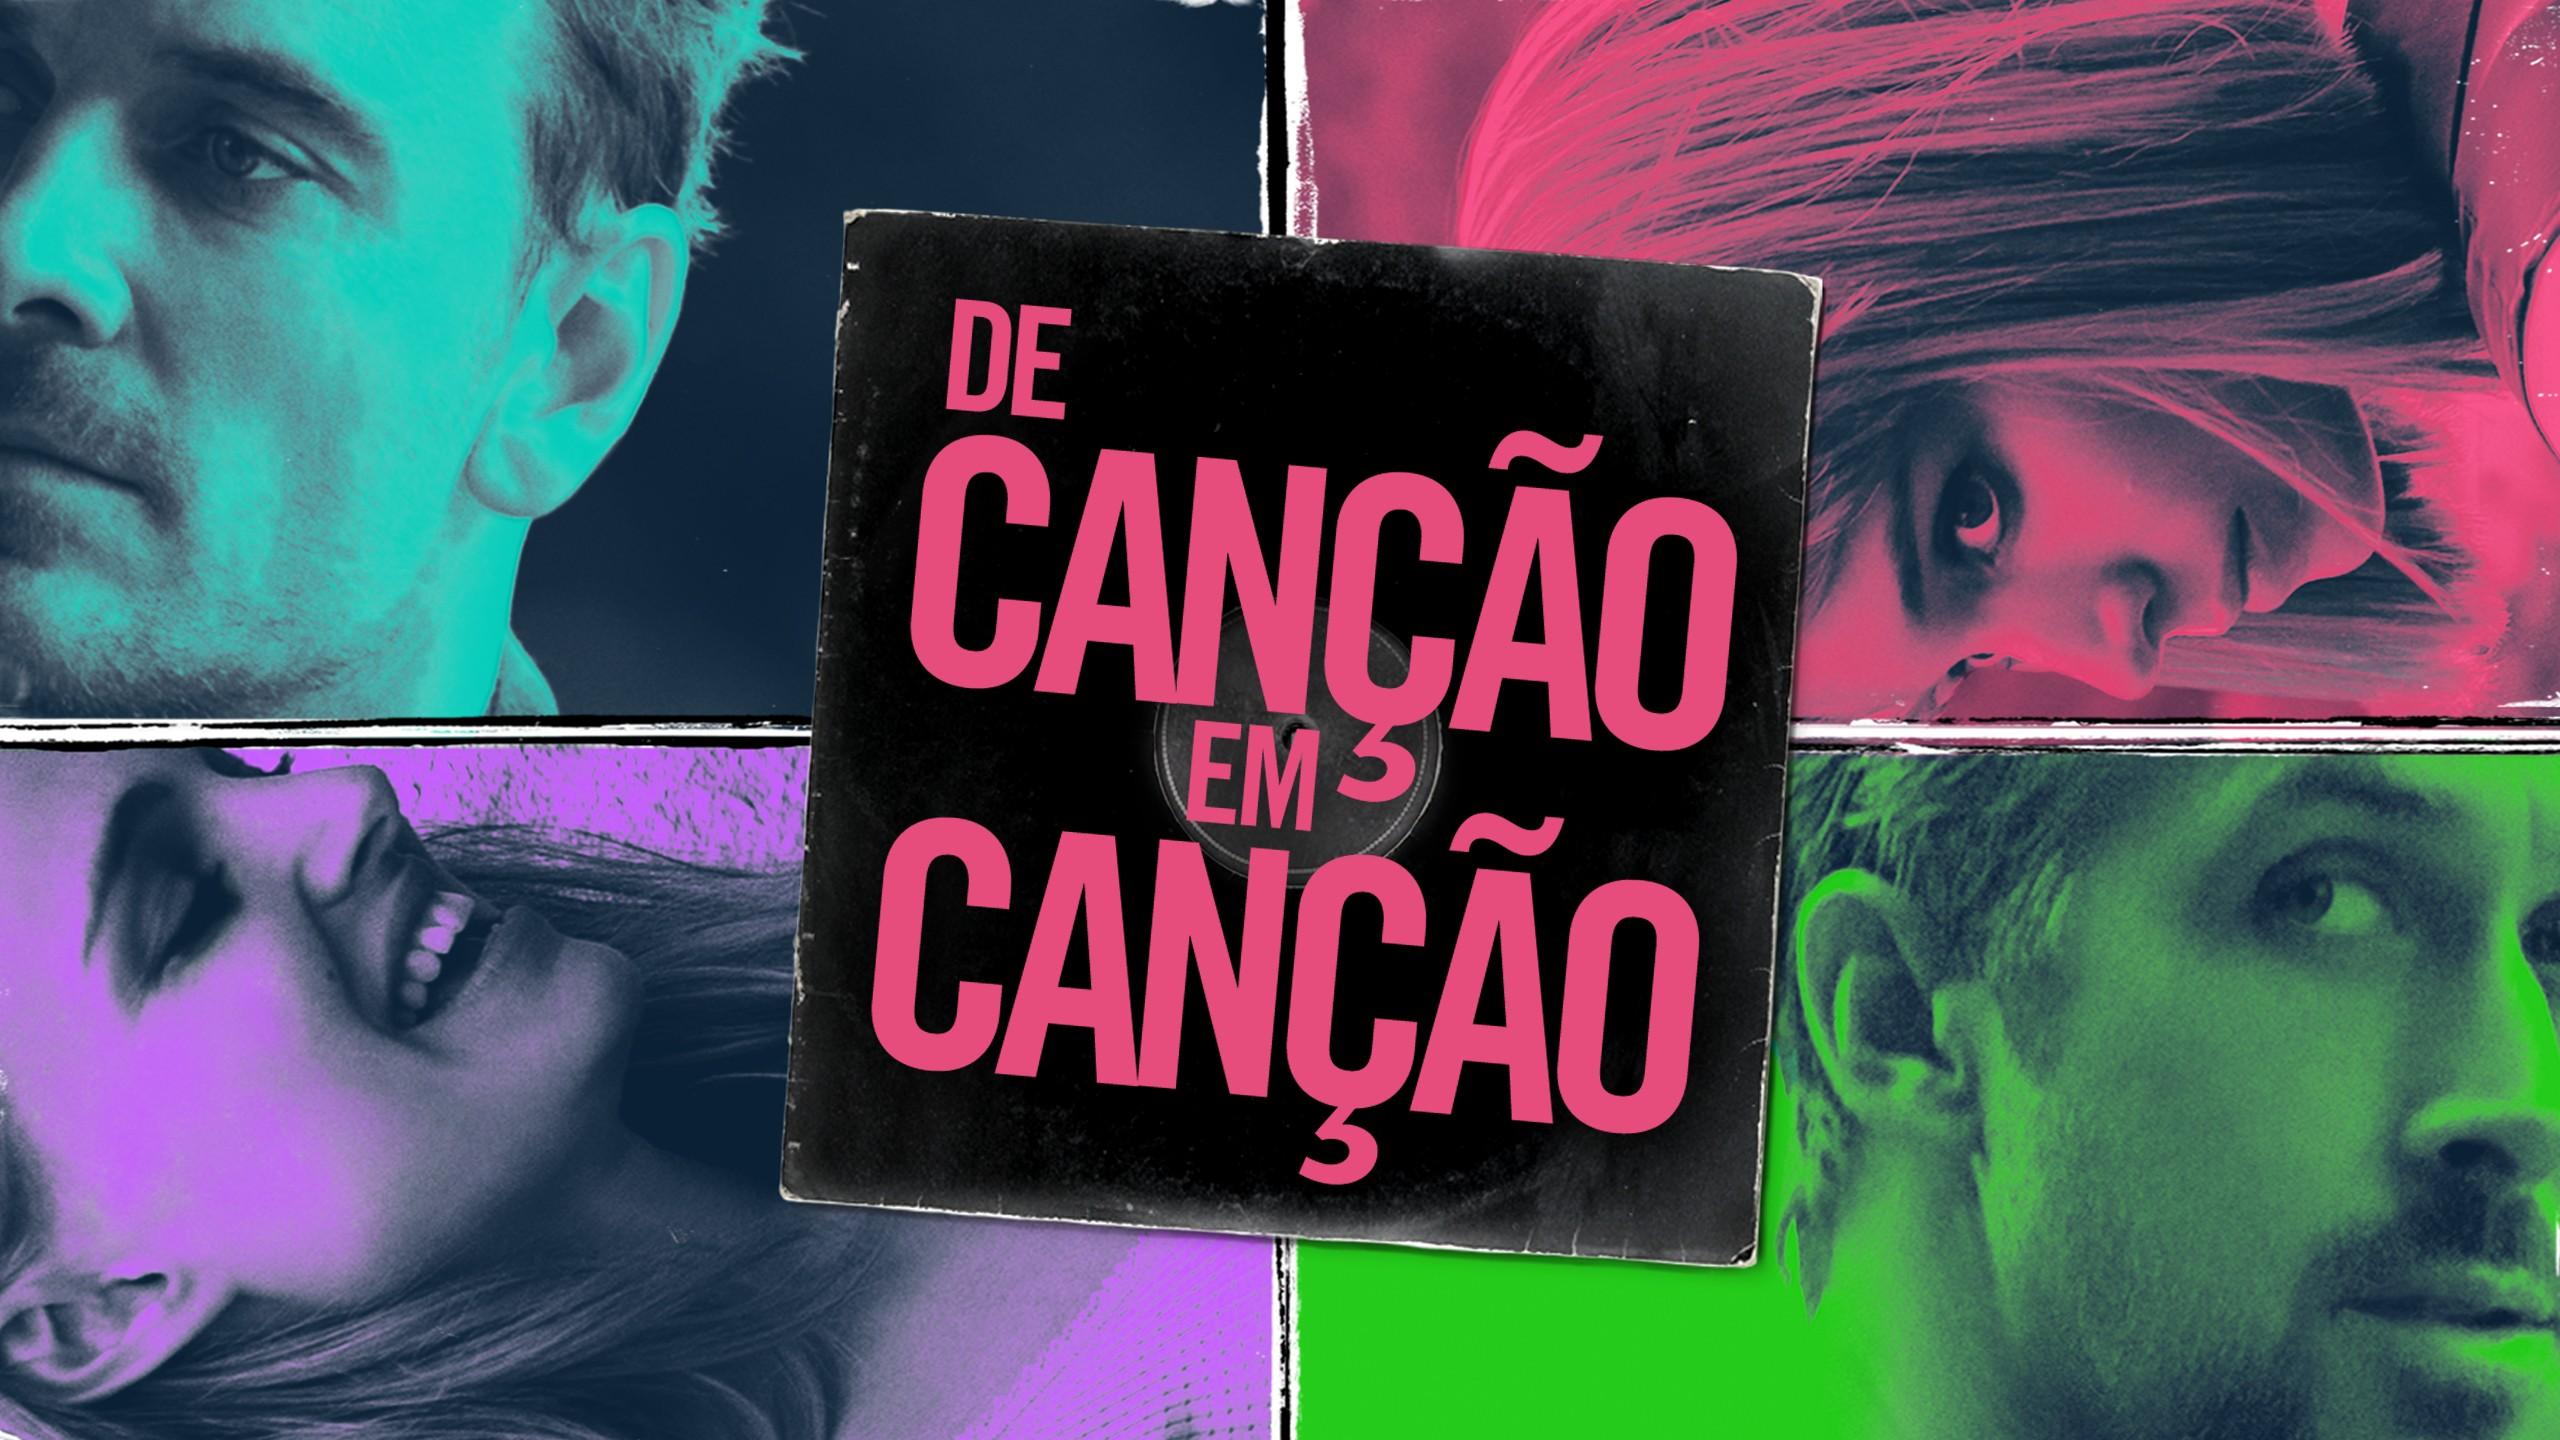 De Canção em Canção (Foto: Divulgação)